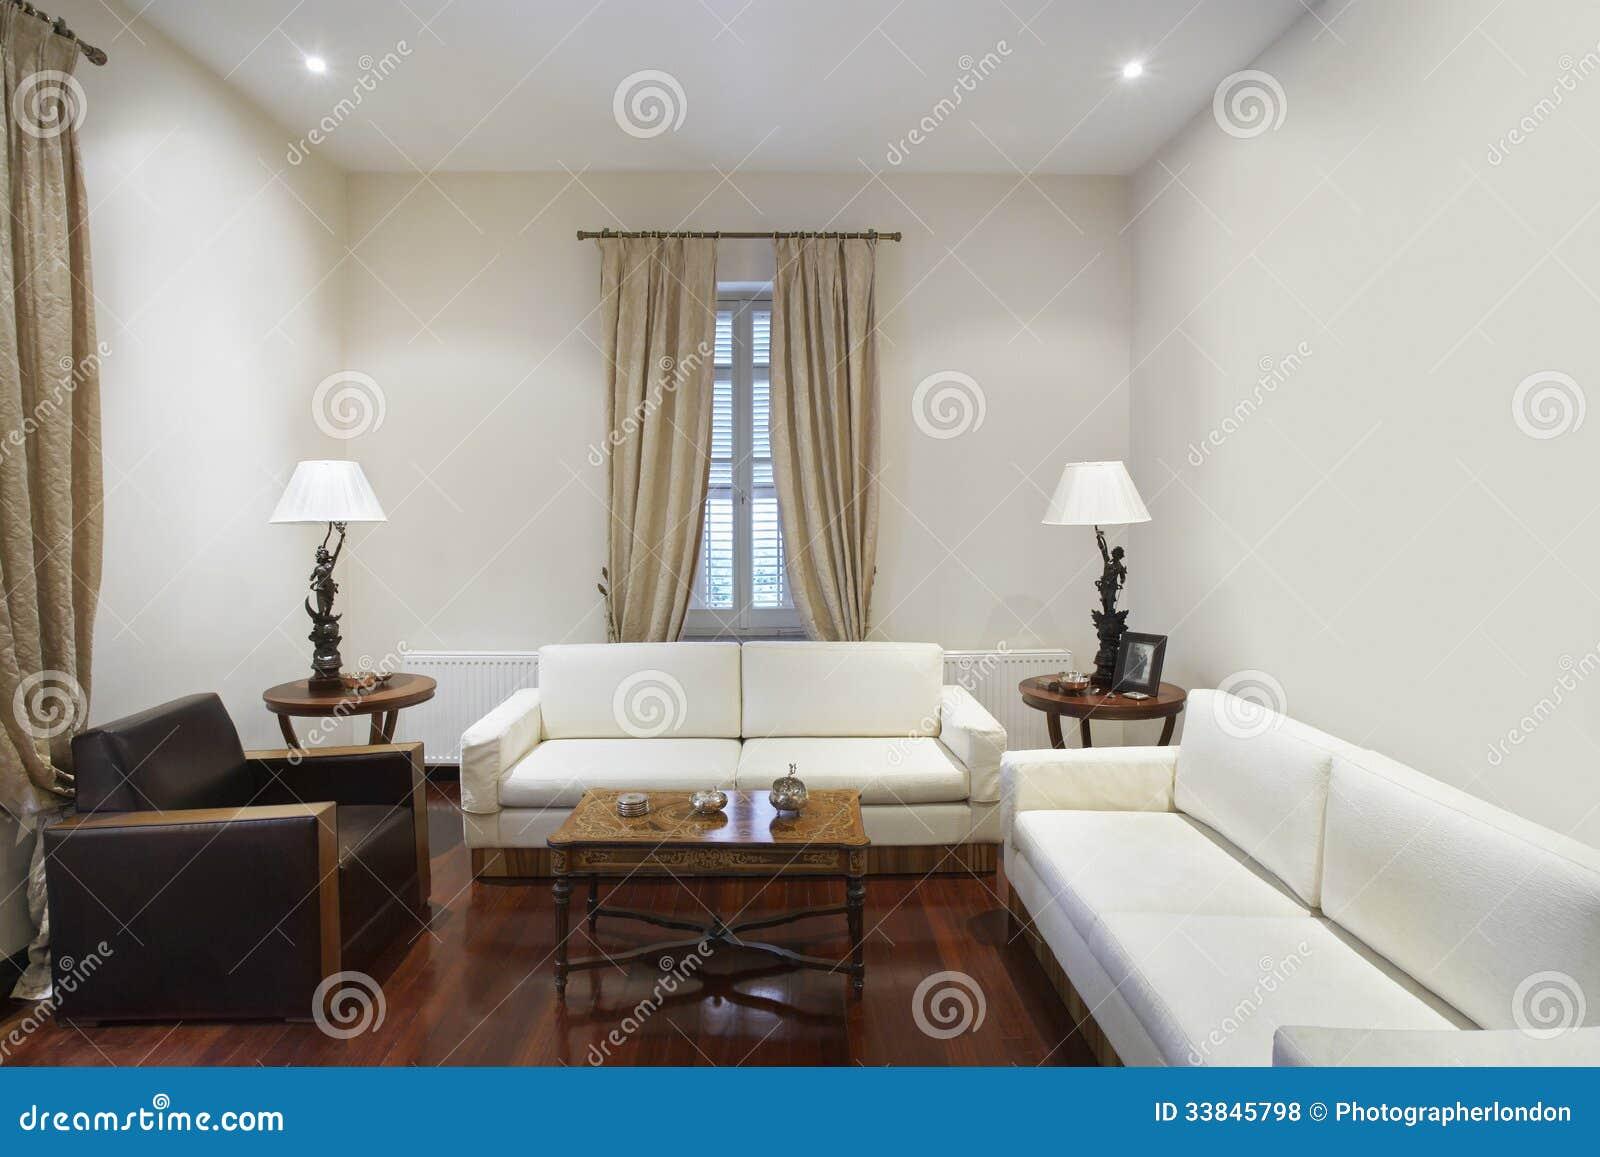 wohnzimmer im kolonialstil-haus lizenzfreie stockfotos - bild